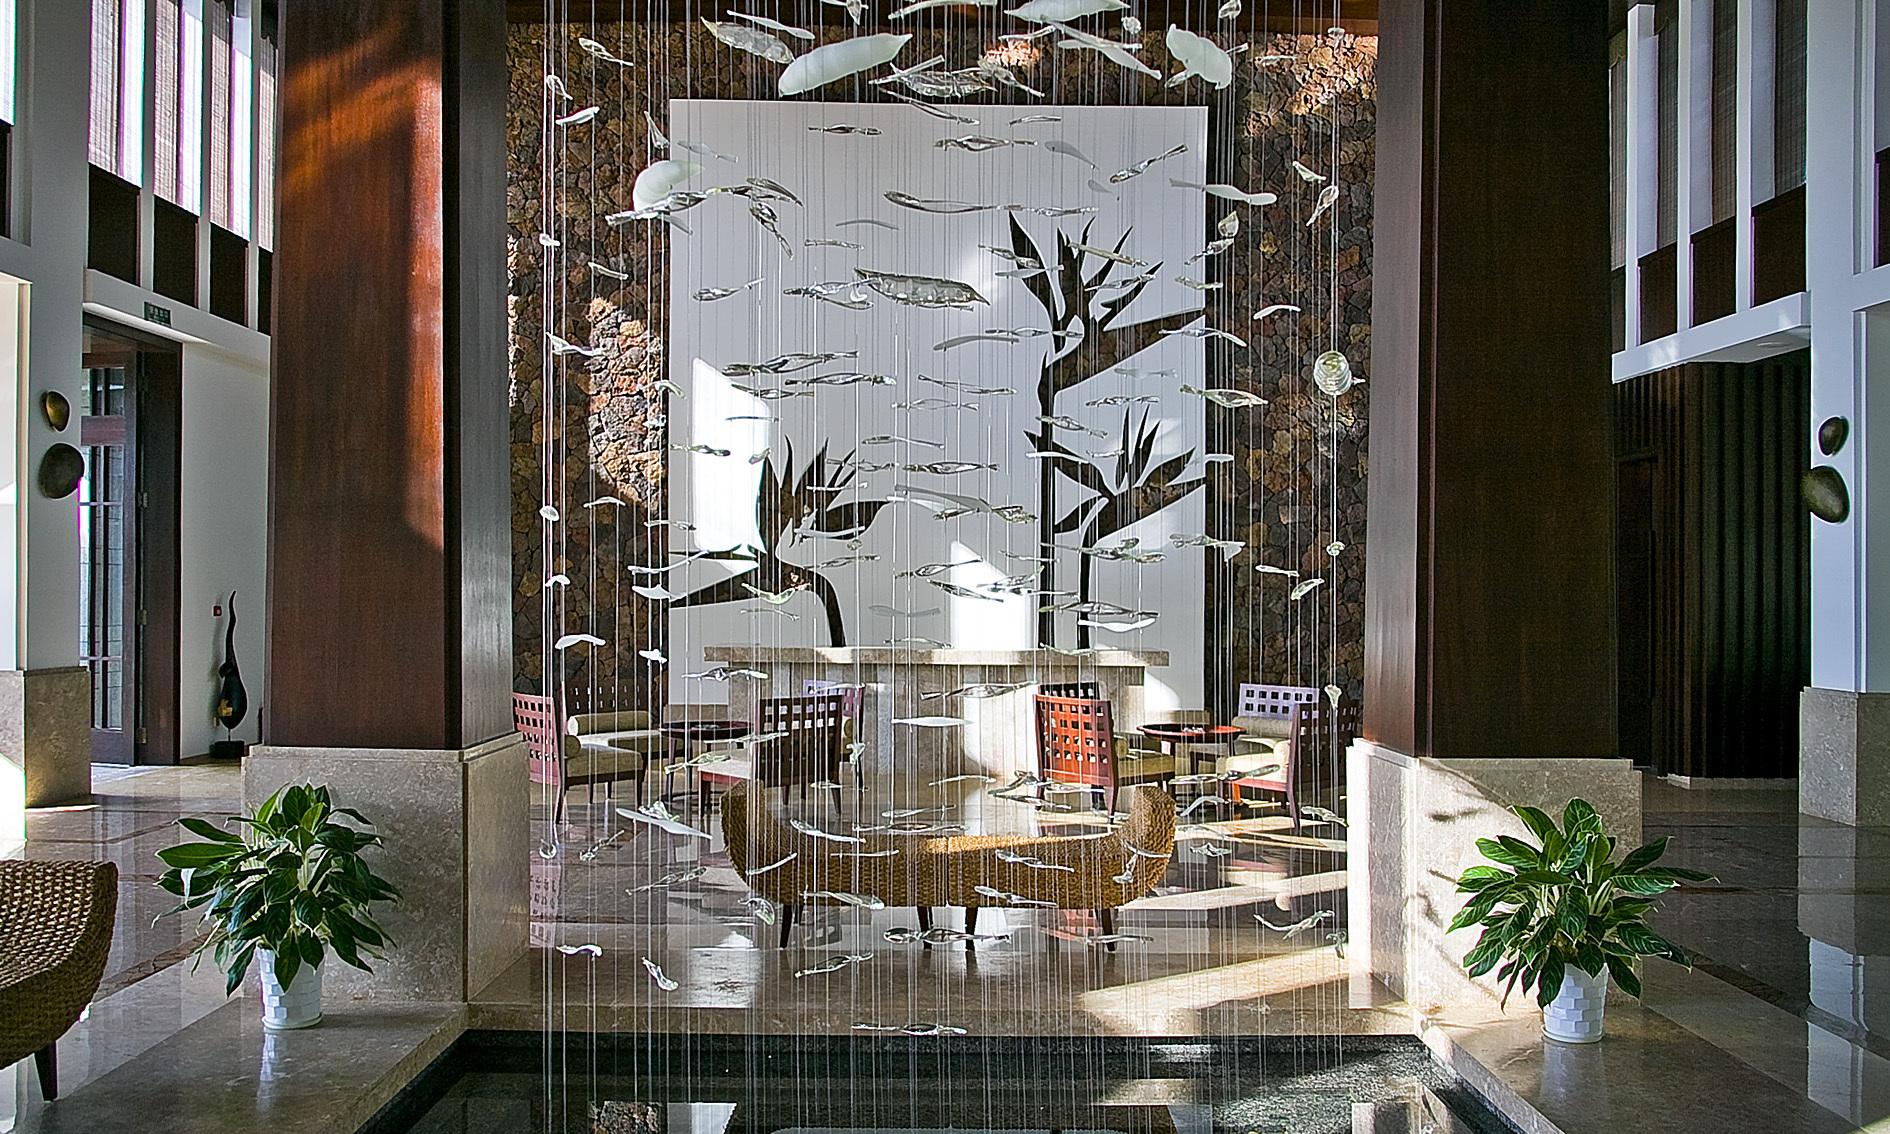 温泉酒店设计要点|网红温泉酒店方案